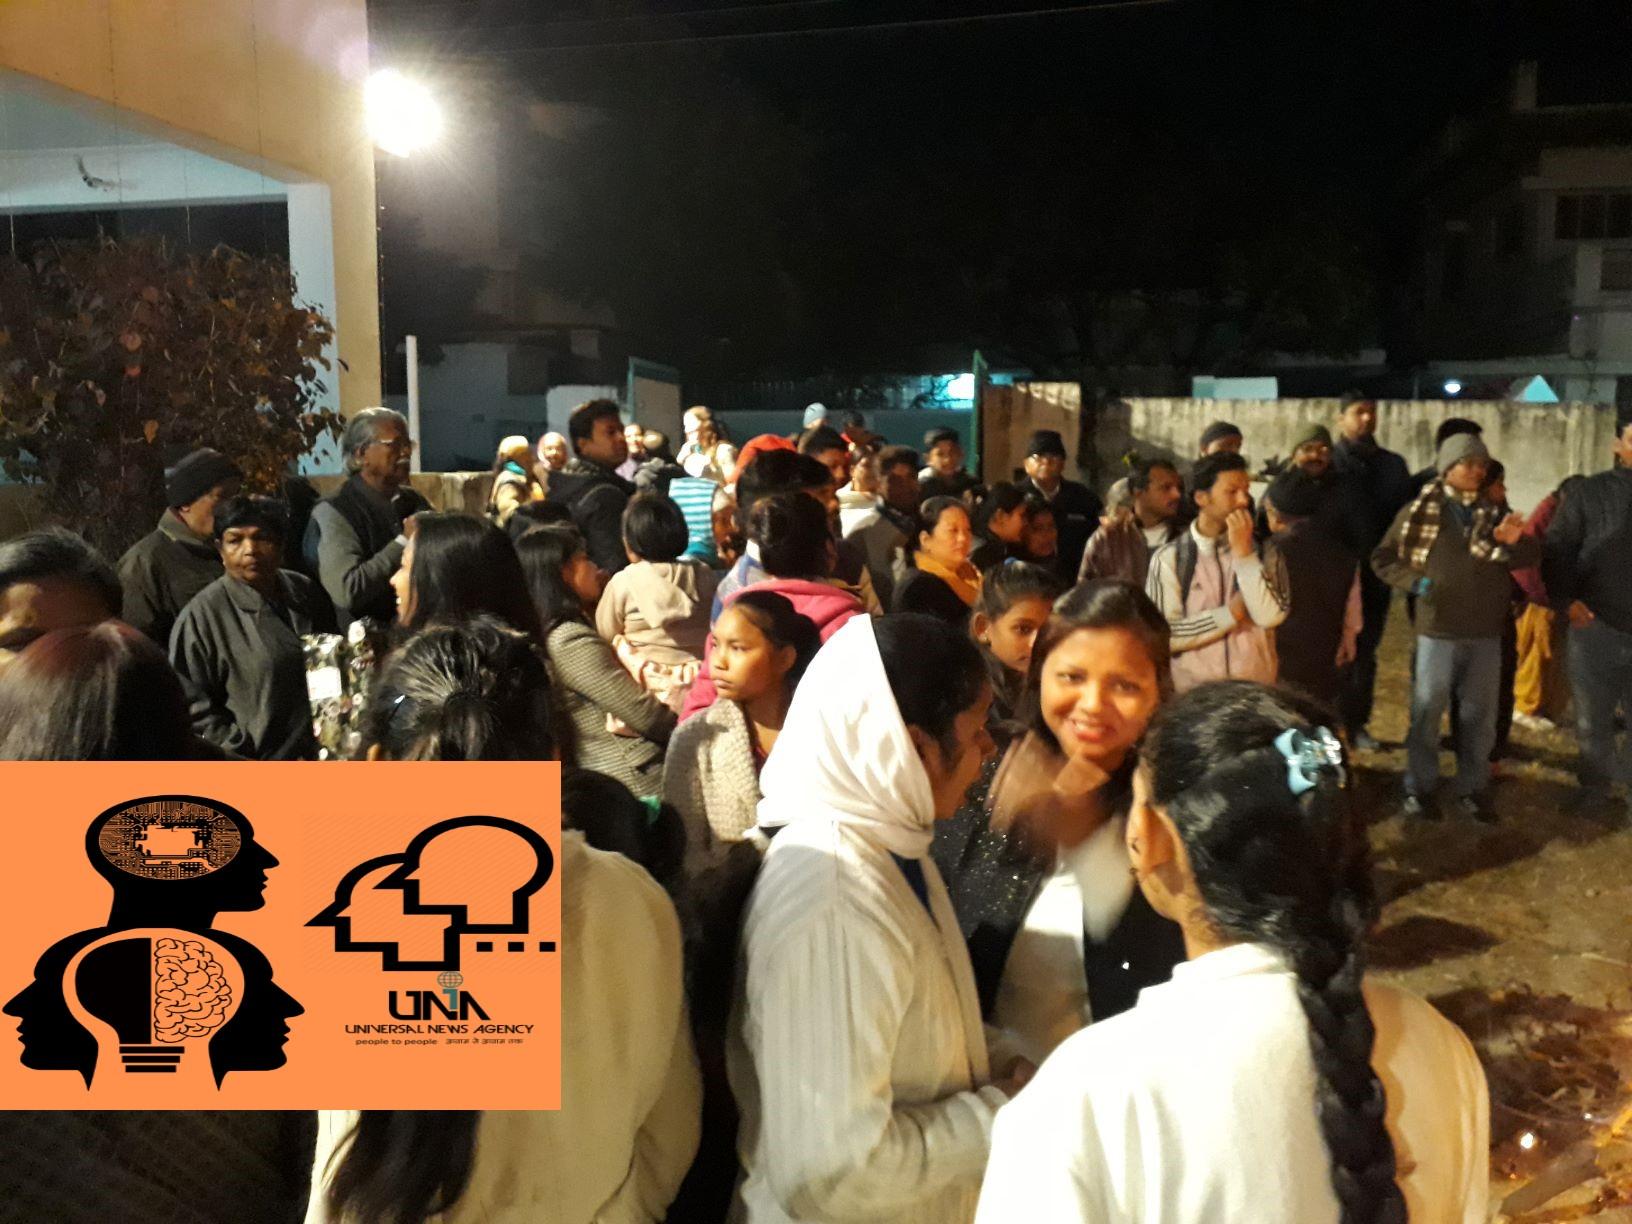 ऊत्तराखण्ड की राज्यधानी देहरादून में कांग्रेस कमेटी के महिलाओ ने नगर निकाय चुनाव को लेकर टिका-टिप्पणी किये